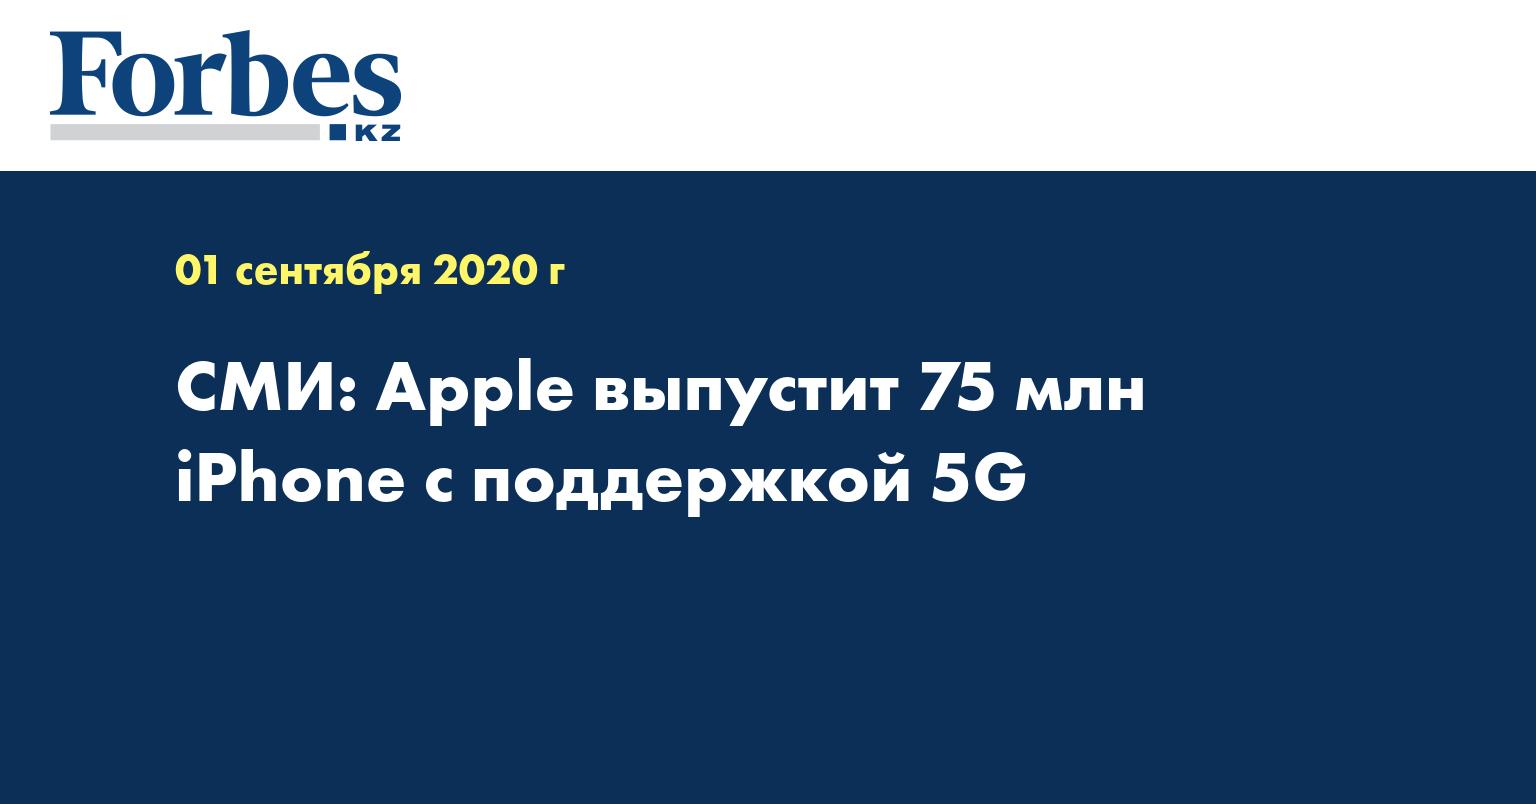 СМИ: Apple выпустит 75 млн iPhone с поддержкой 5G